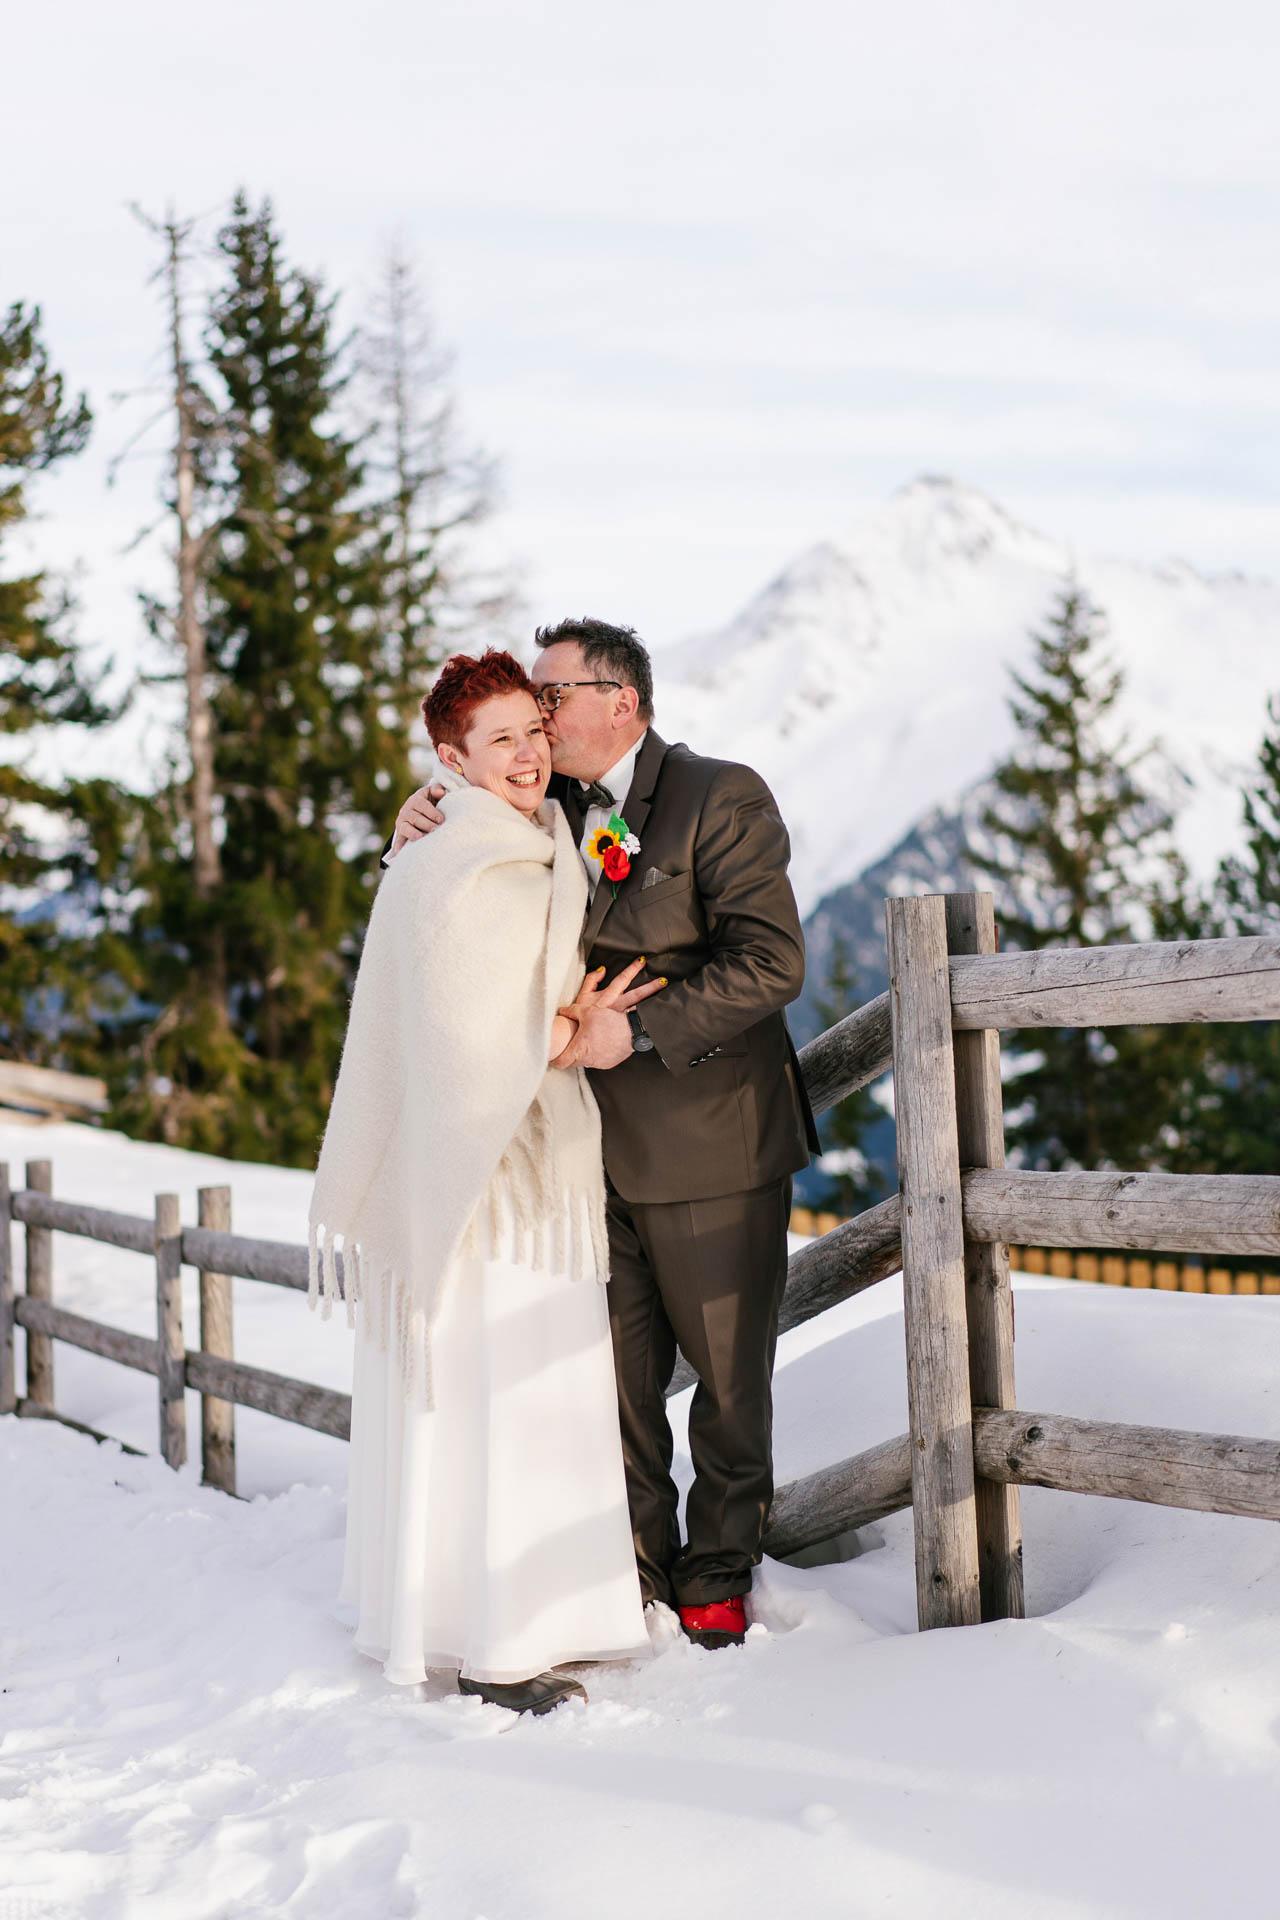 Winterhochzeit im Zillertal, Bräutigam küsst Braut glücklich im Schnee